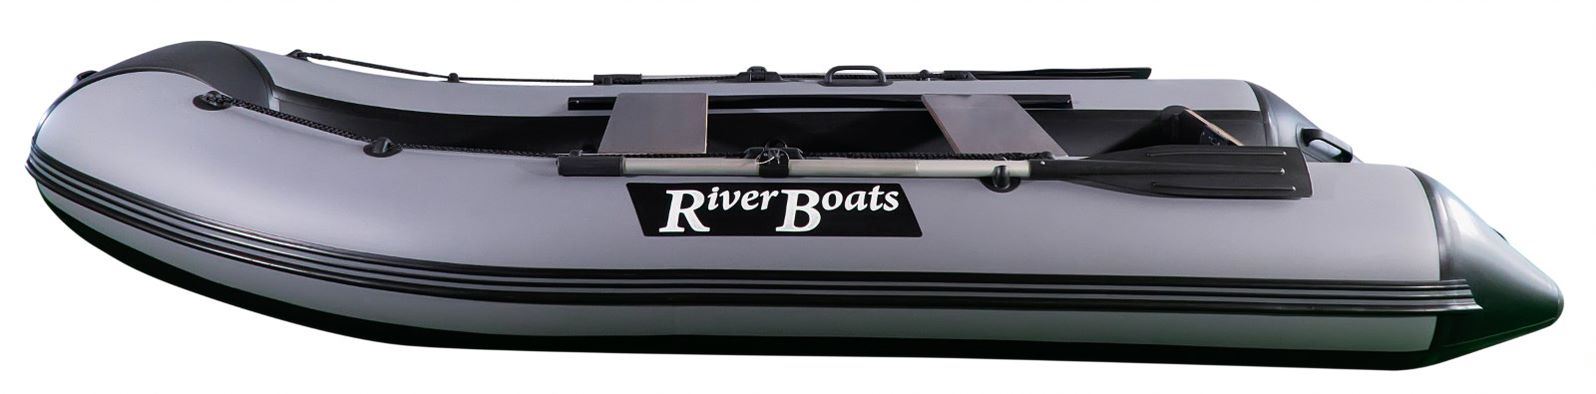 RiverBoats (РиверБот)